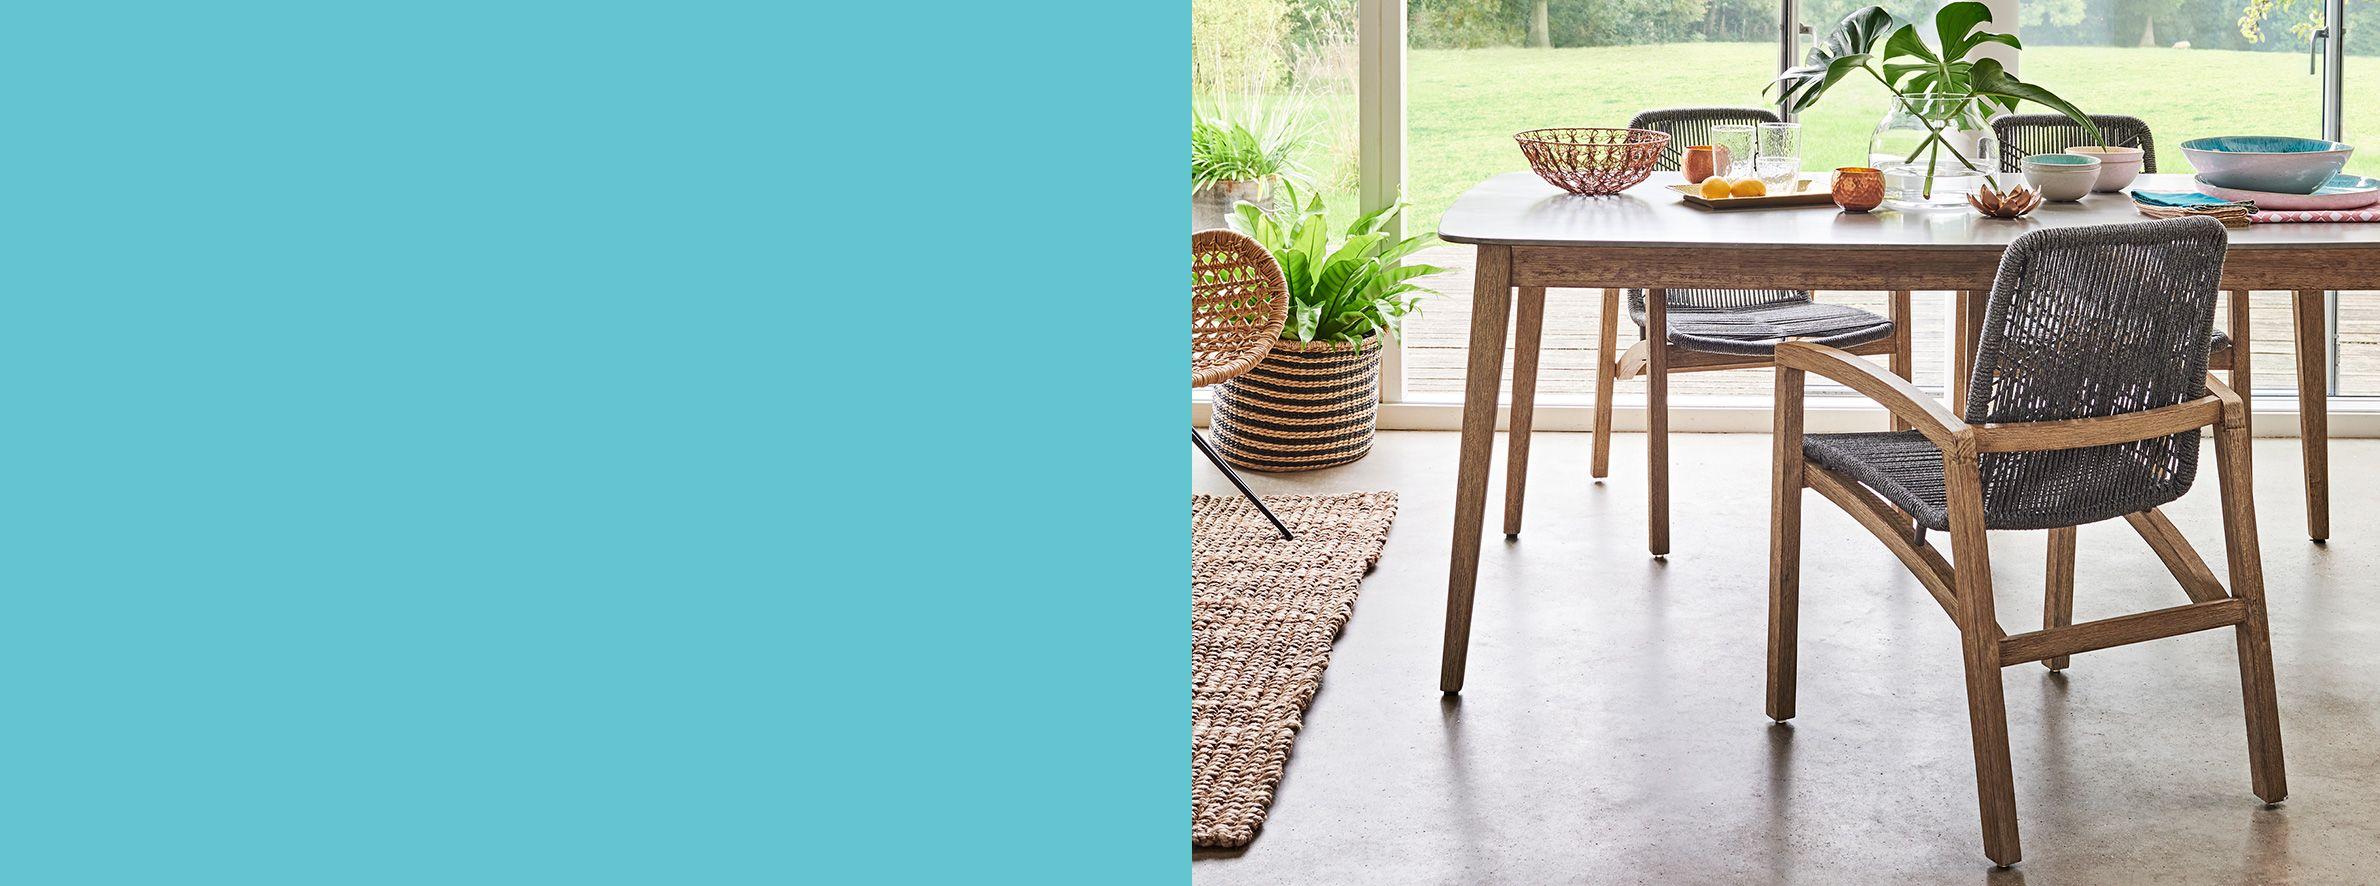 Fusion   Home & Garden   John Lewis